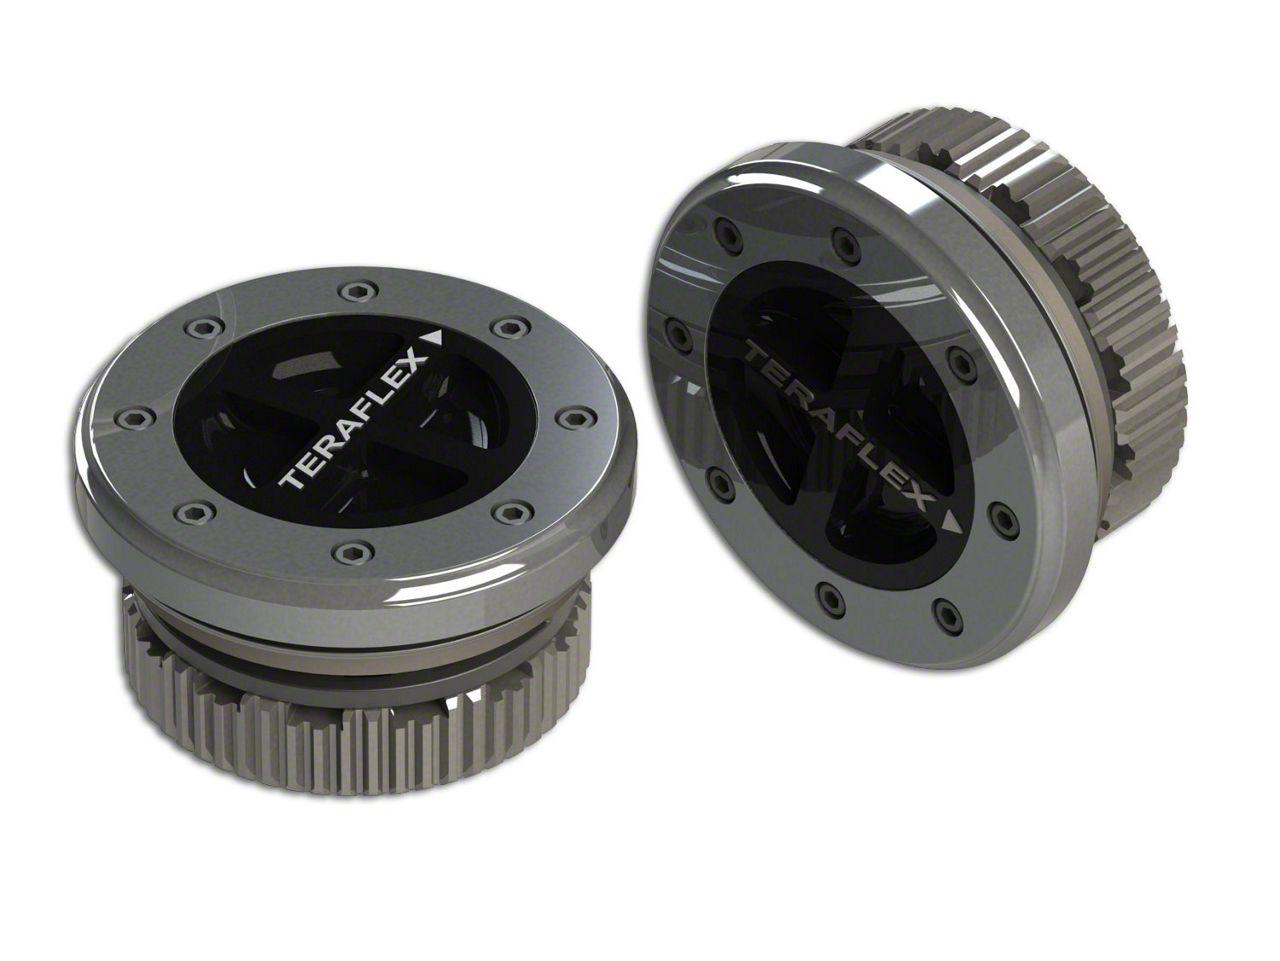 Teraflex 35 Spline SlimLock Hub Kit for Dana 60 (07-18 Jeep Wrangler JK)